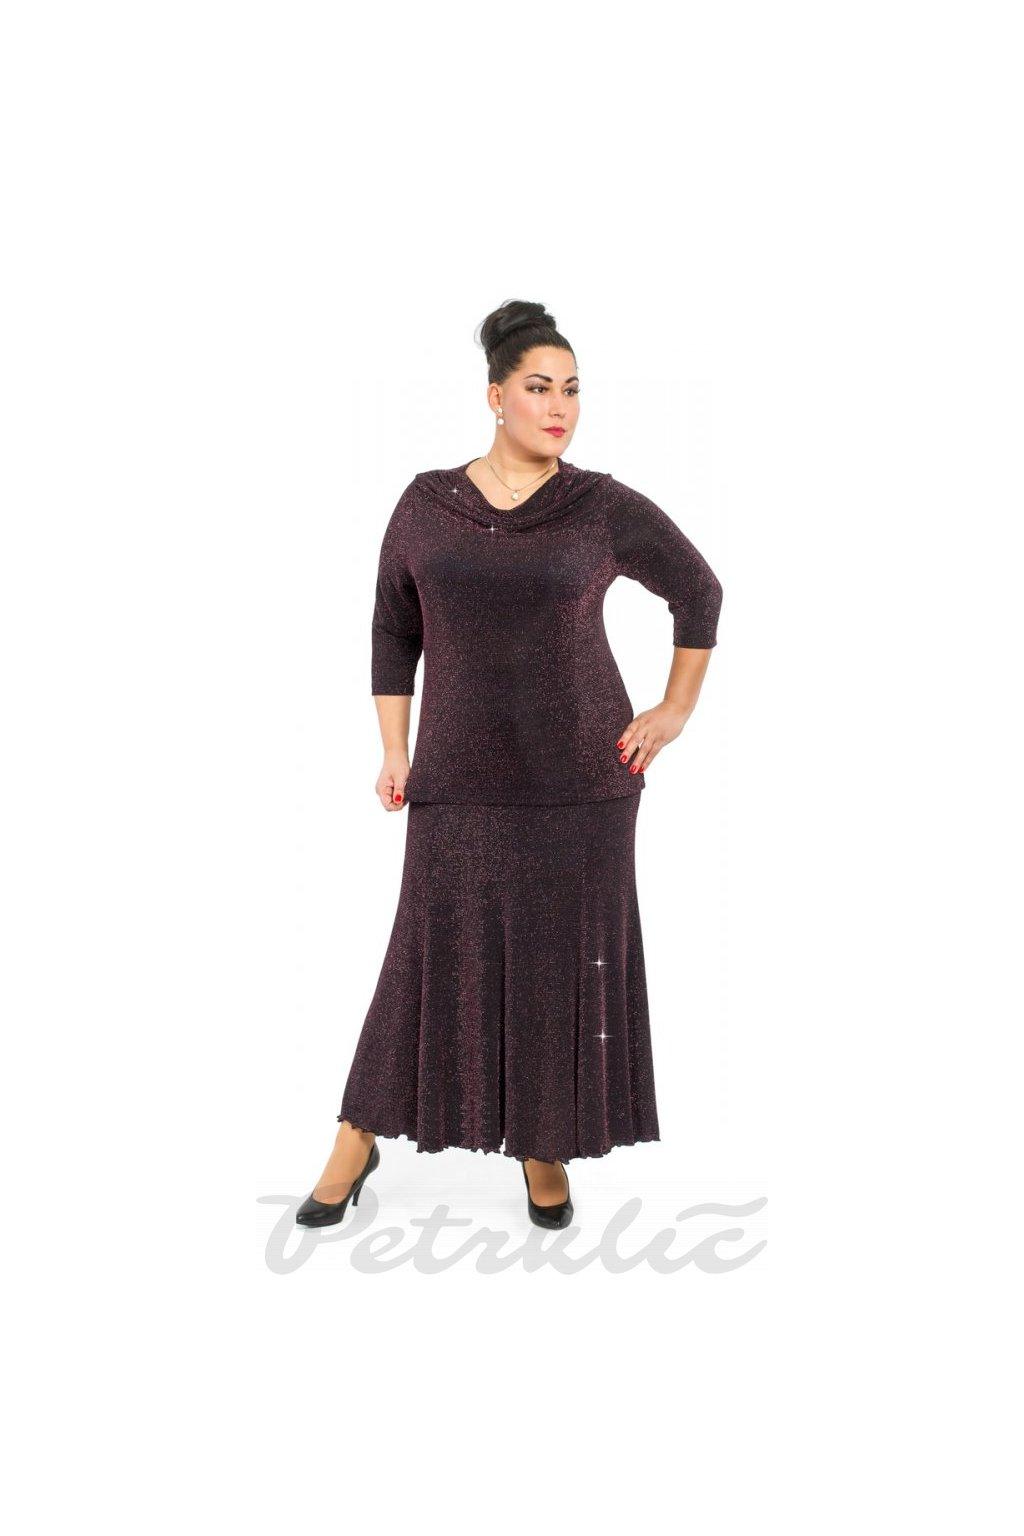 RADMILA - společenská sukně ve třech délkách